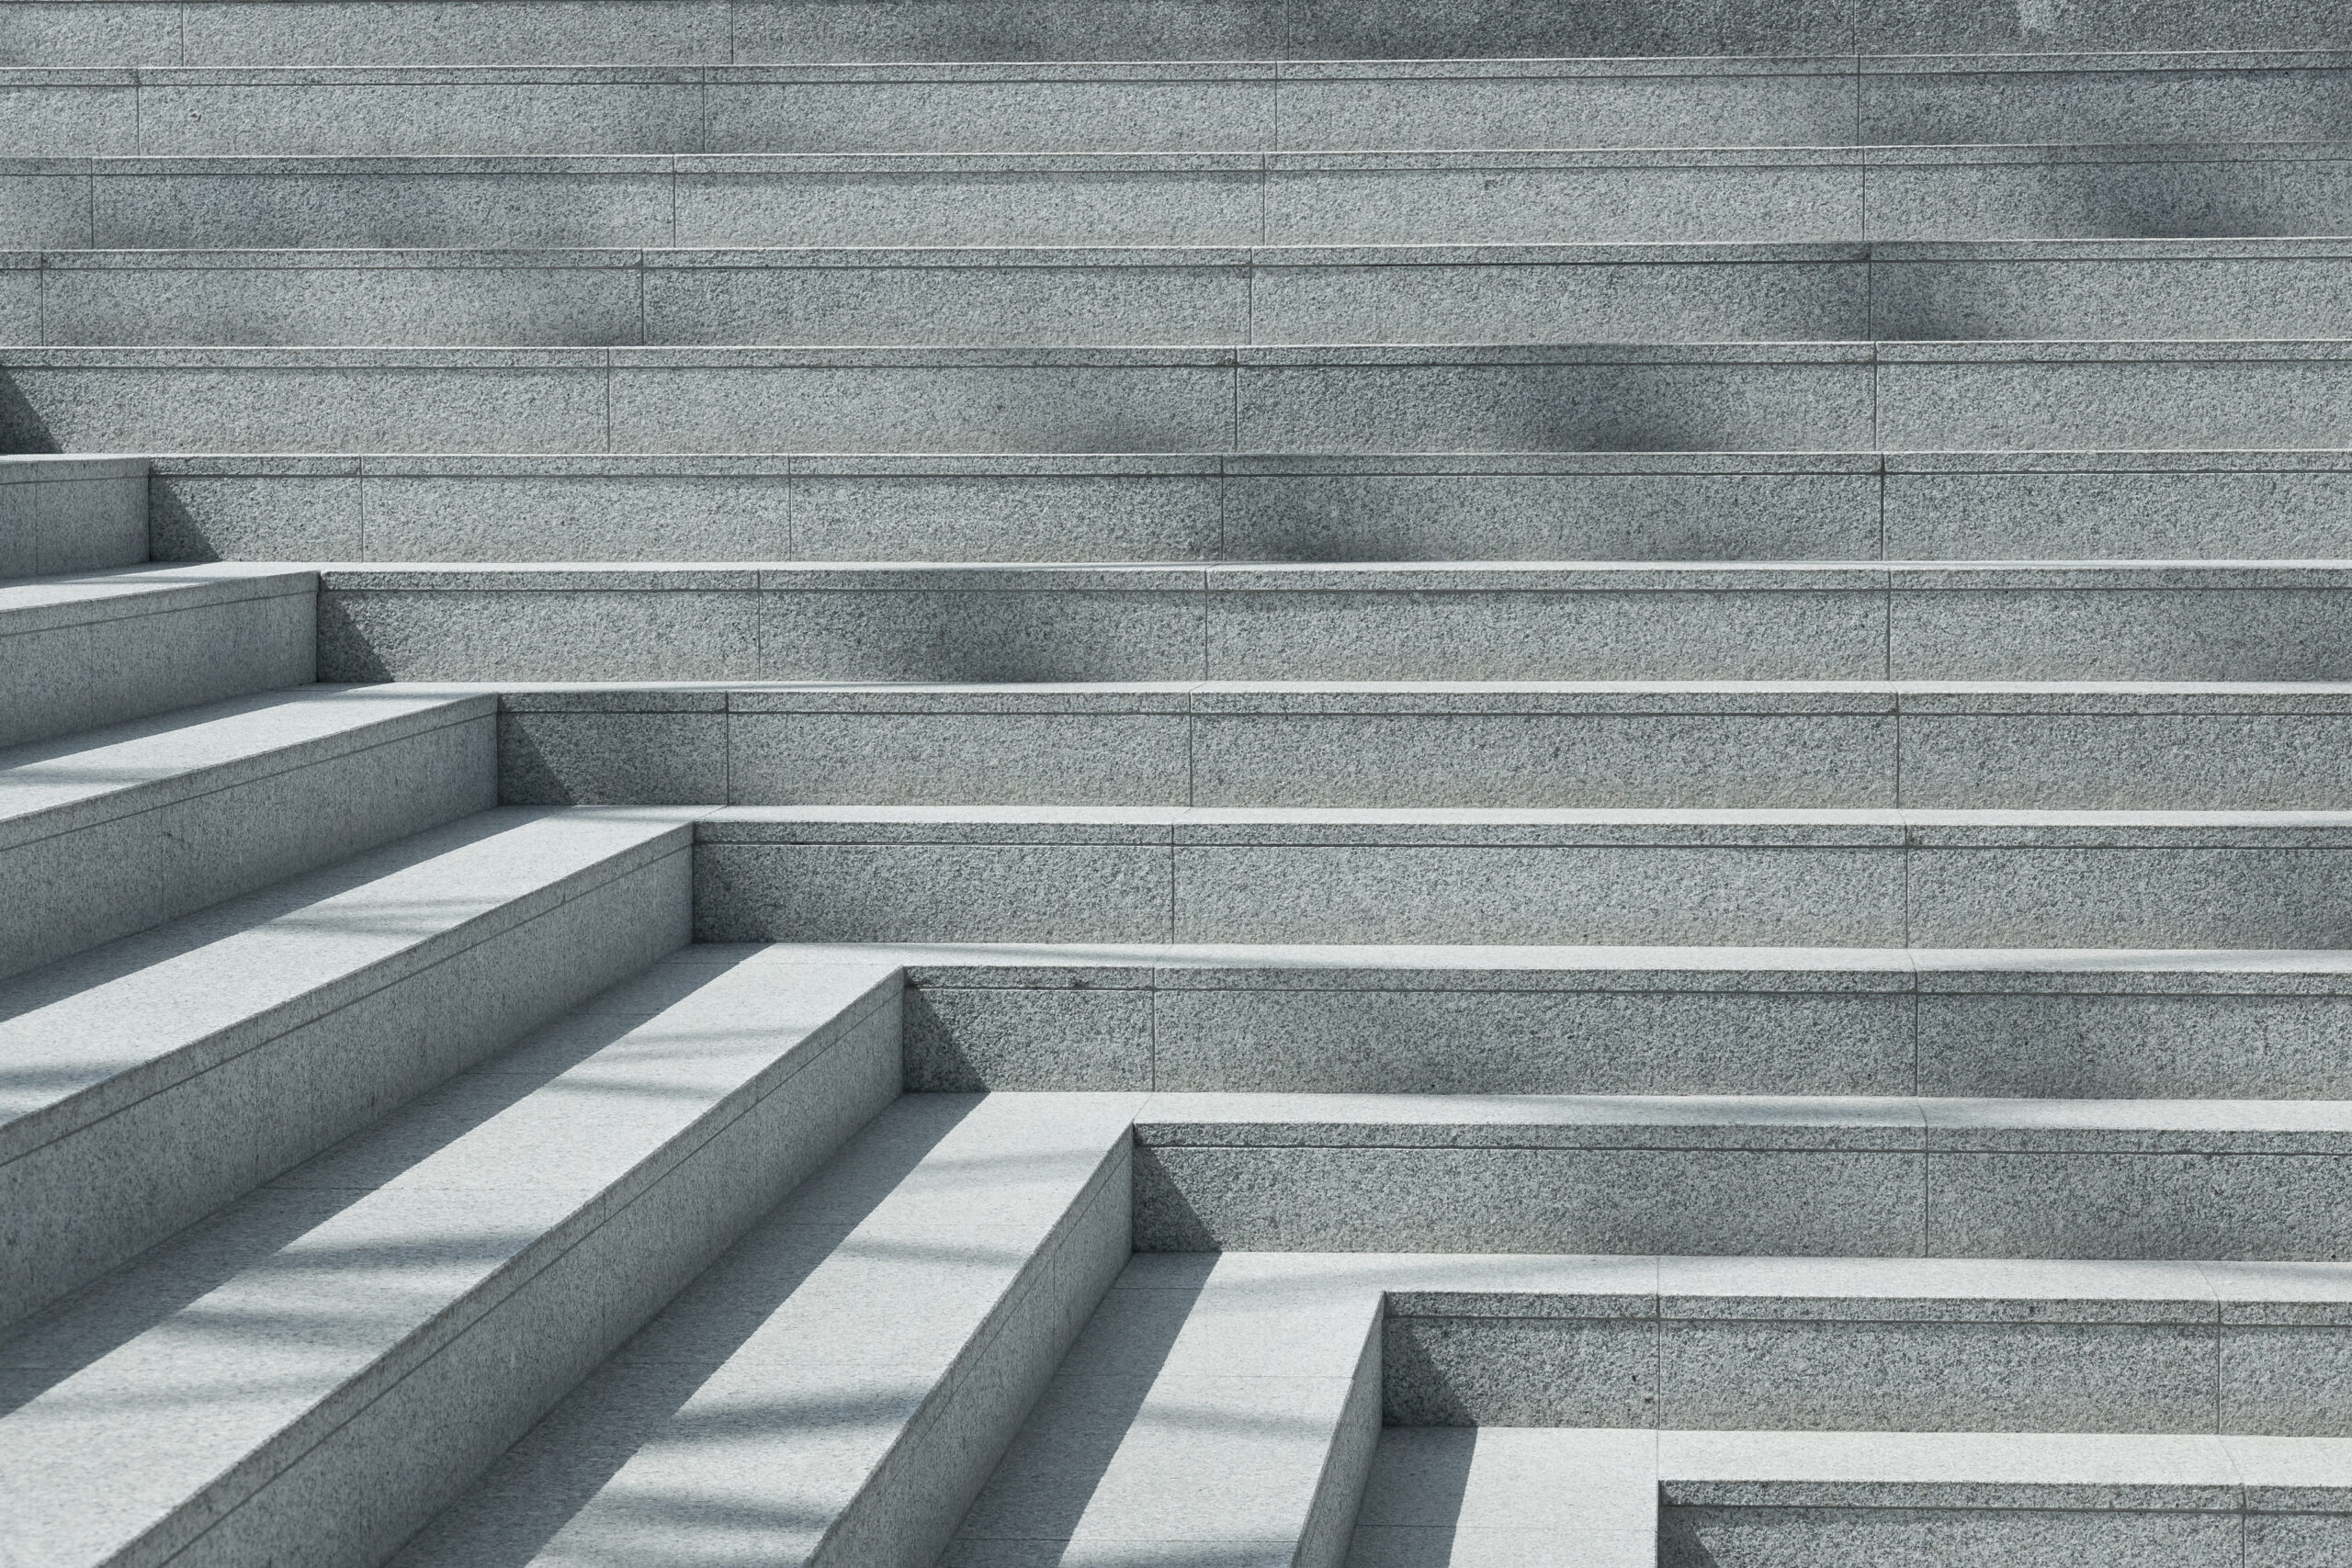 エスカレーター✕、階段◎